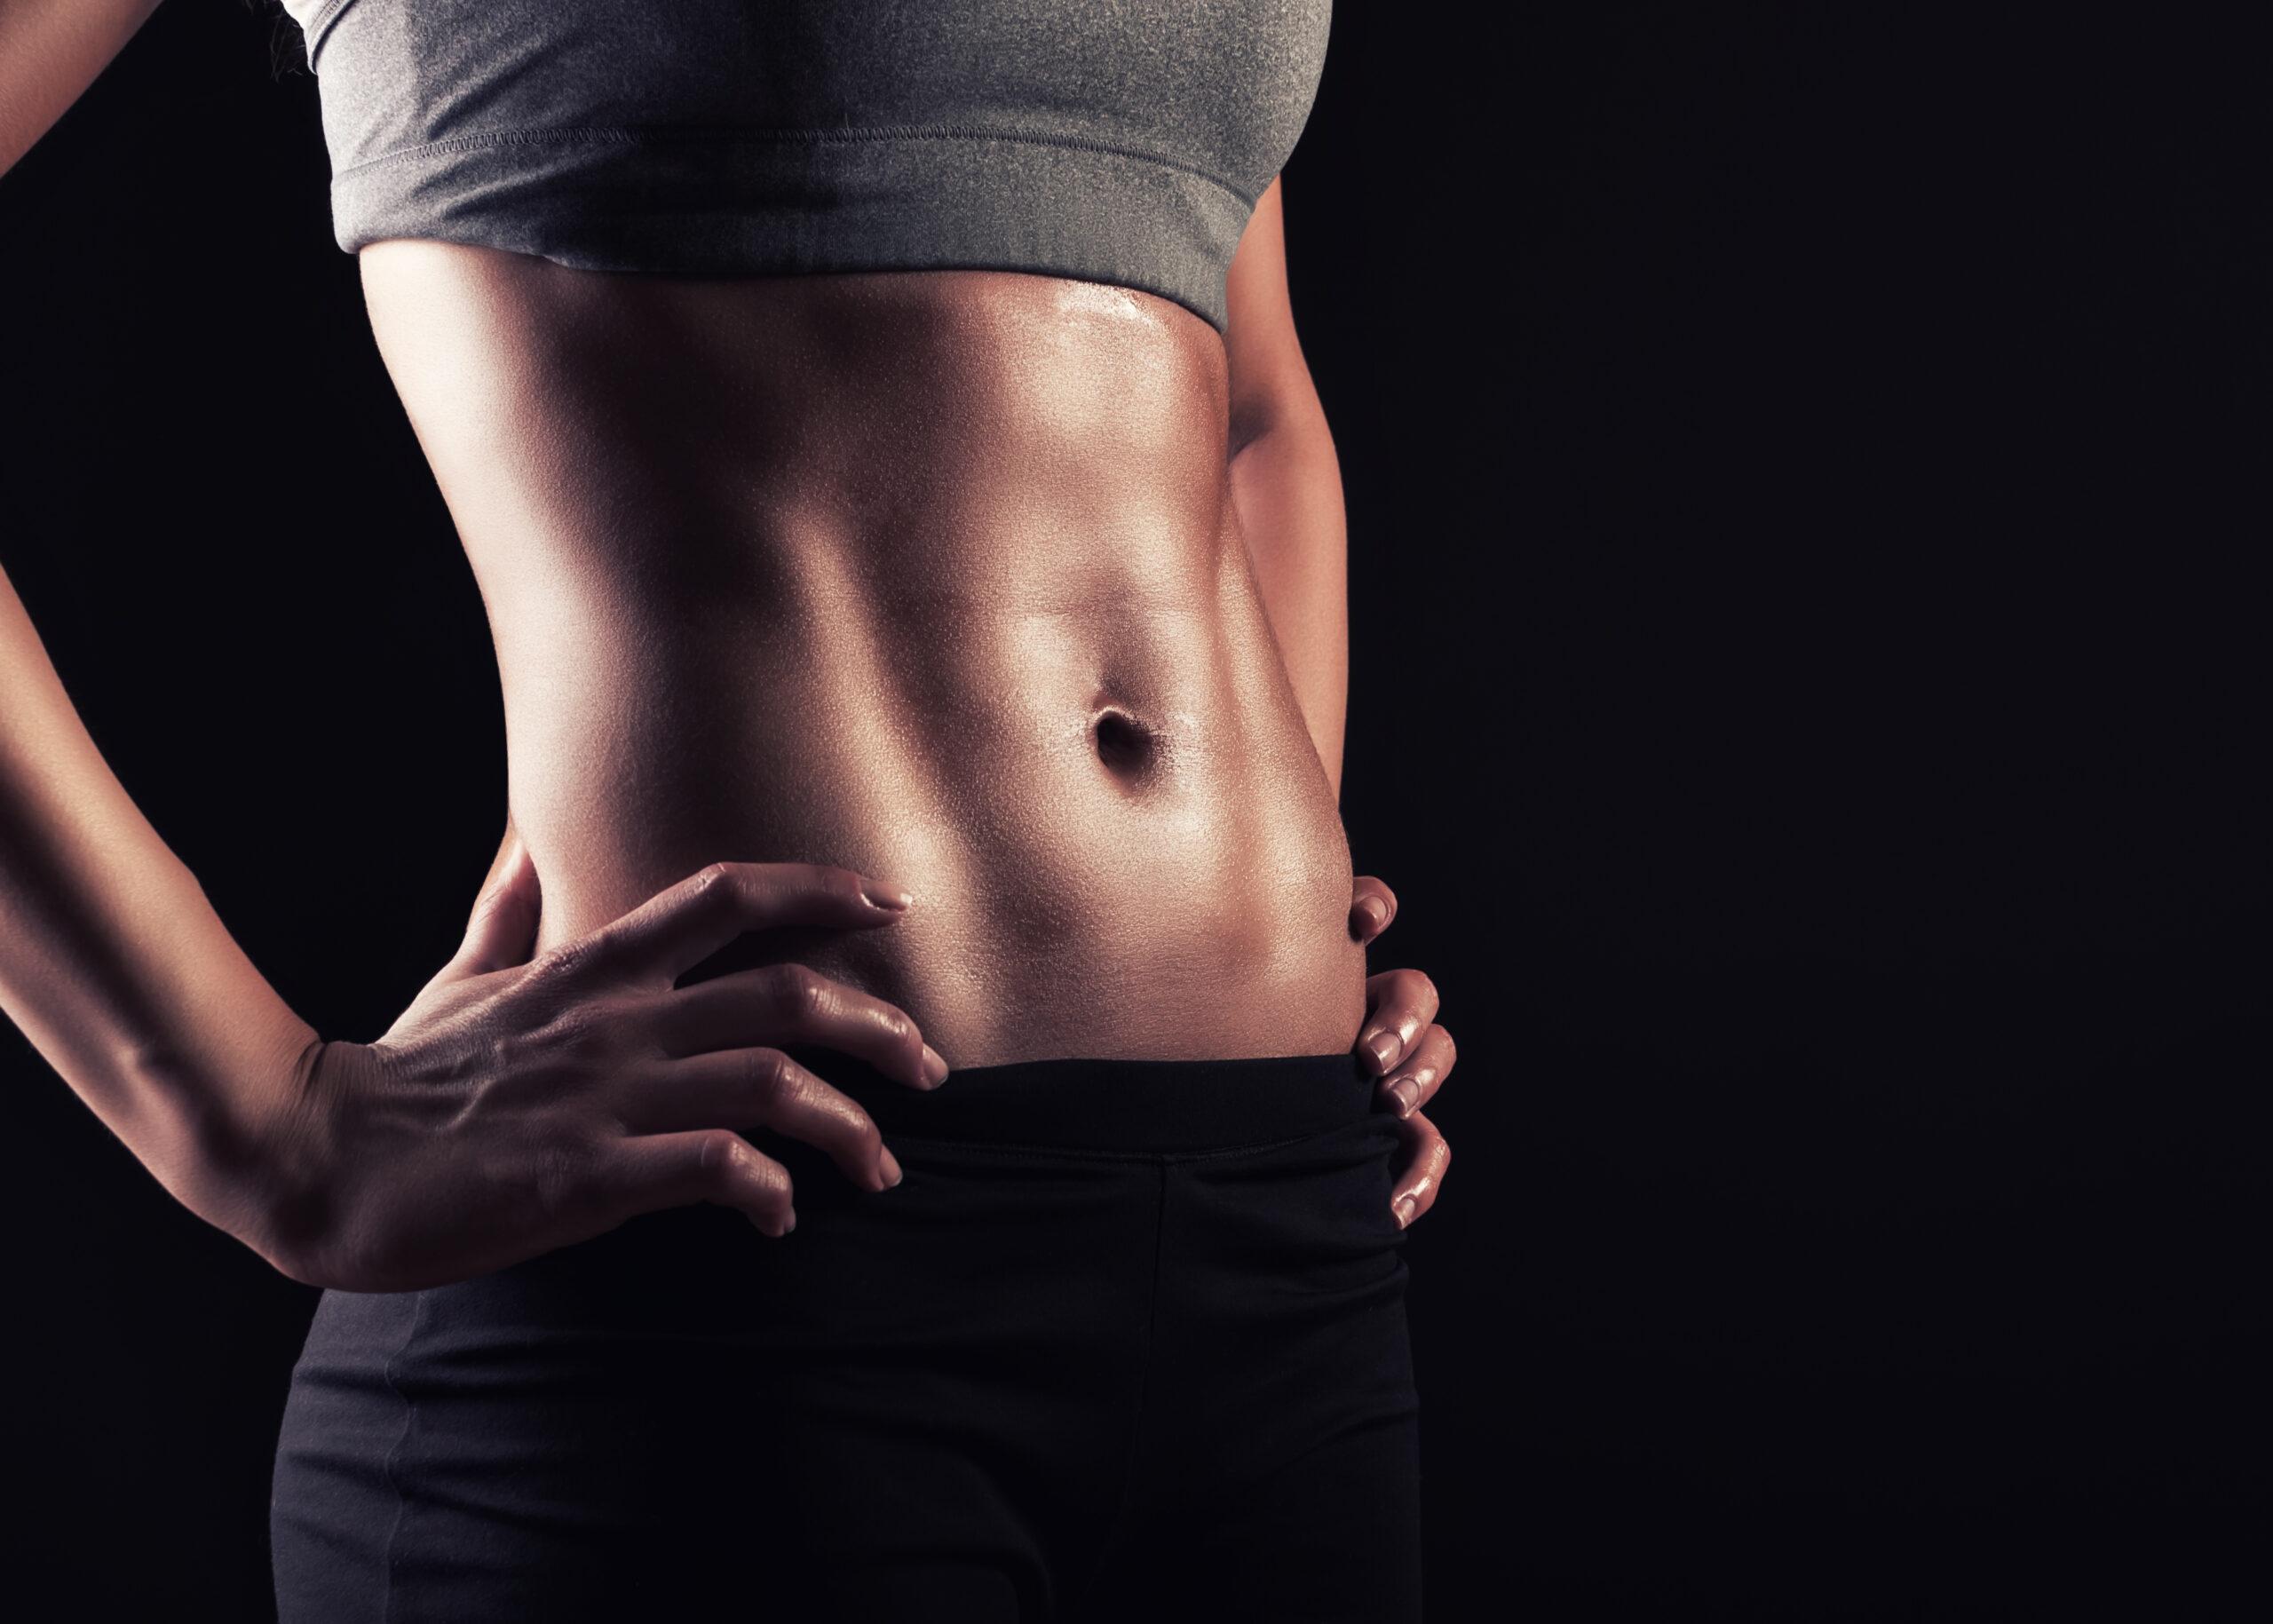 お腹ぽっこりになってしまう原因とは?腹筋を鍛えて対策しよう